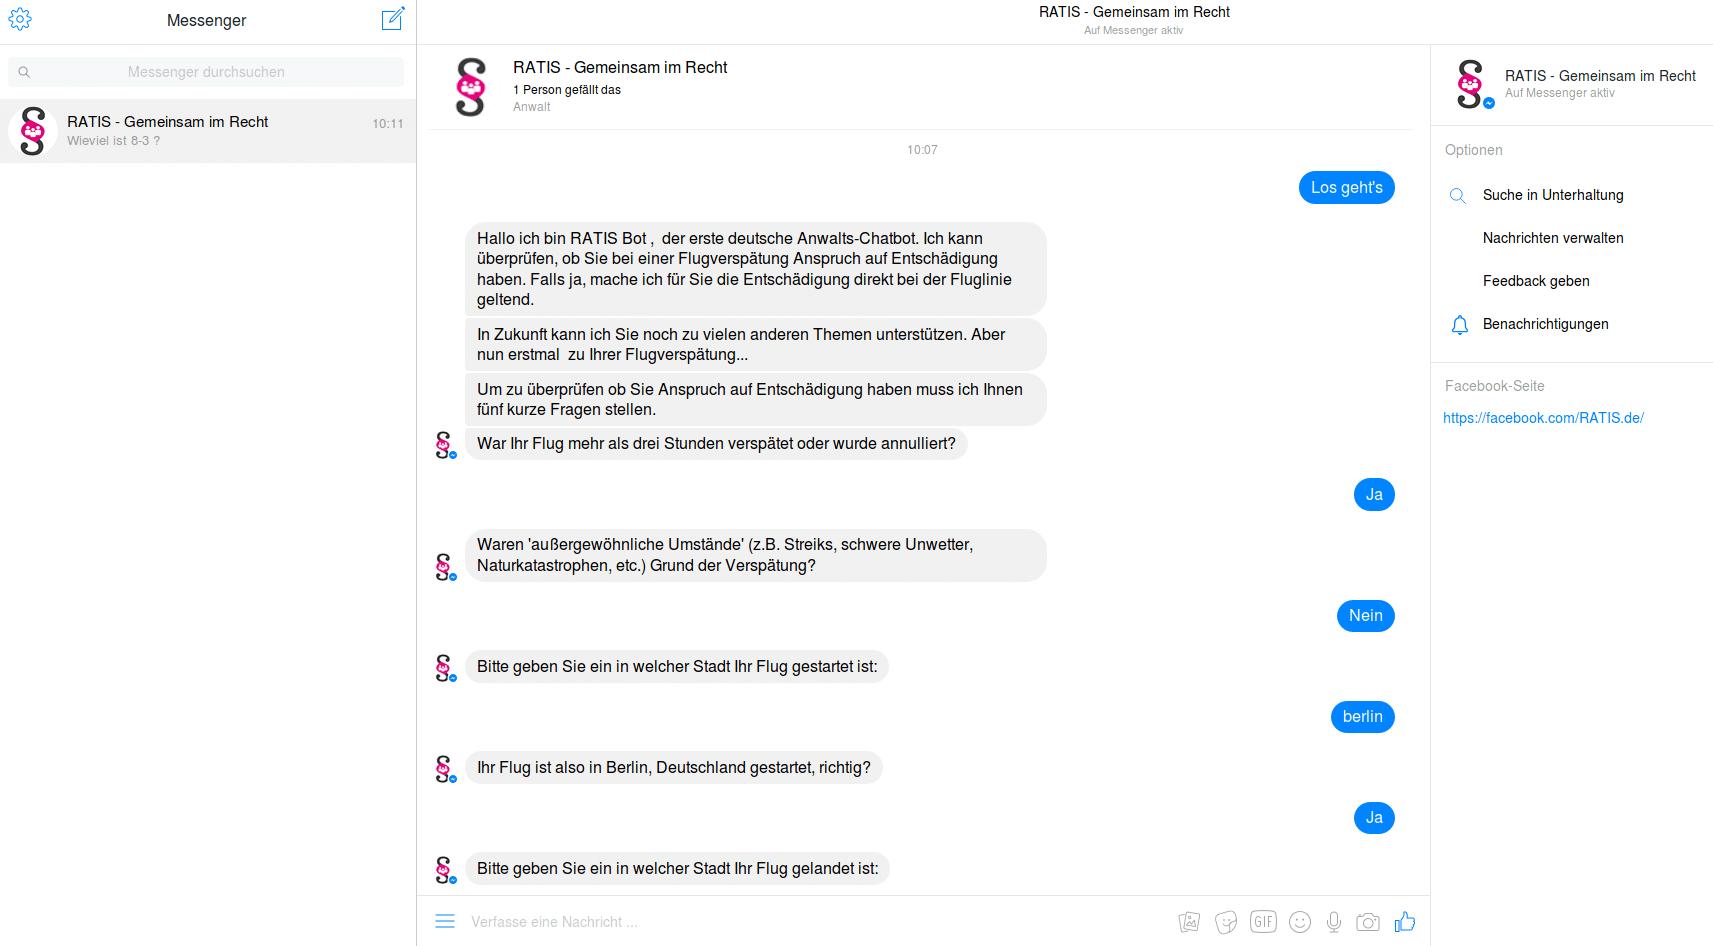 RATIS Anwalts-Chatbot Screenshot 2